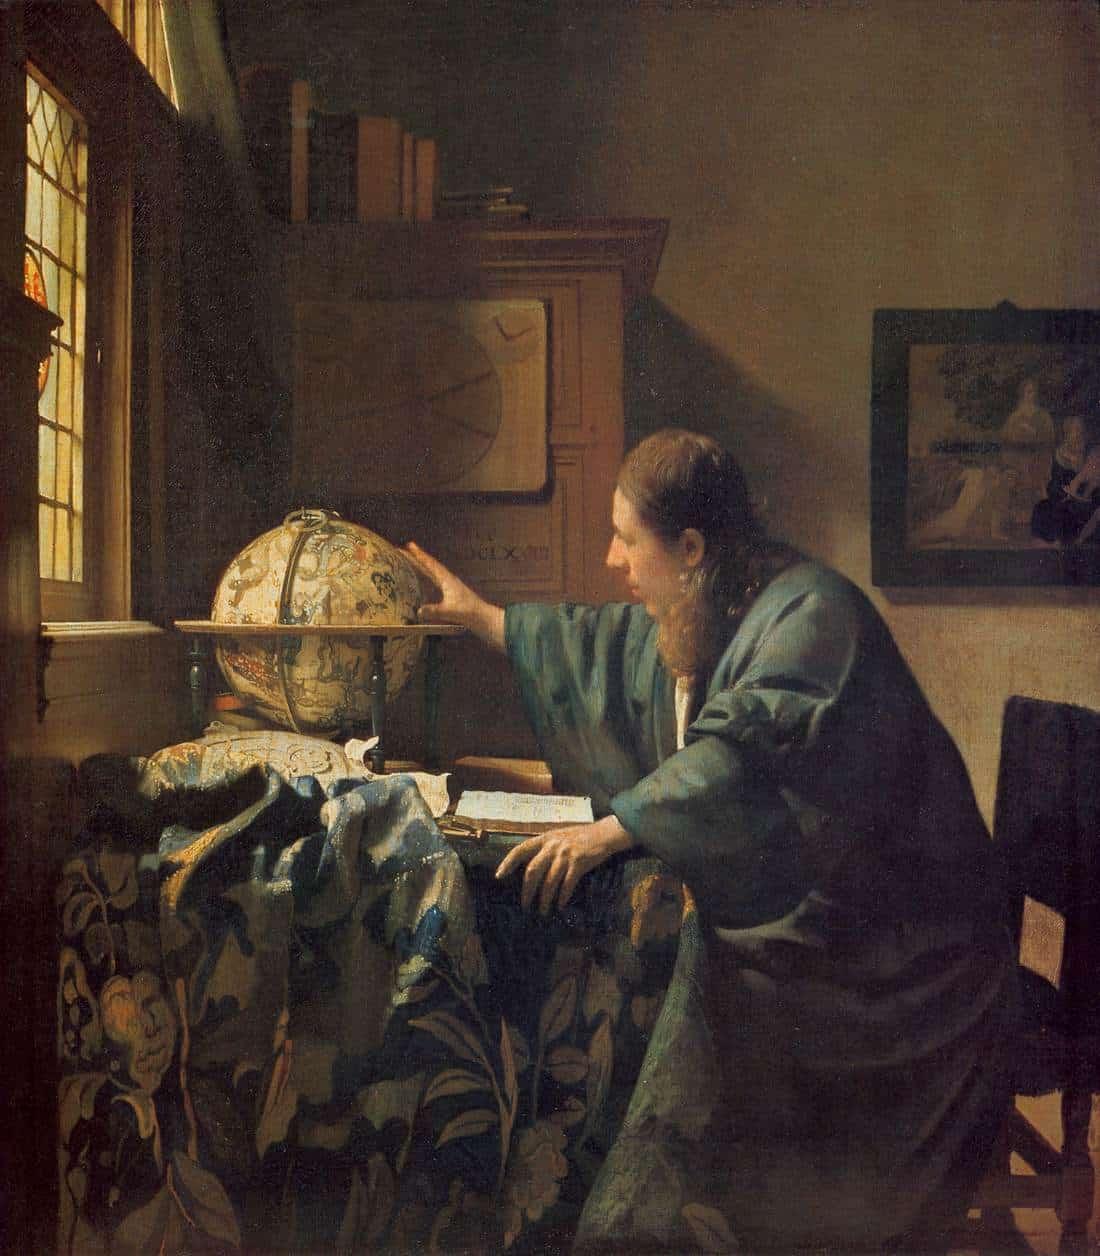 El astrónomo - Vermeer - 1668 - La joven de la perla